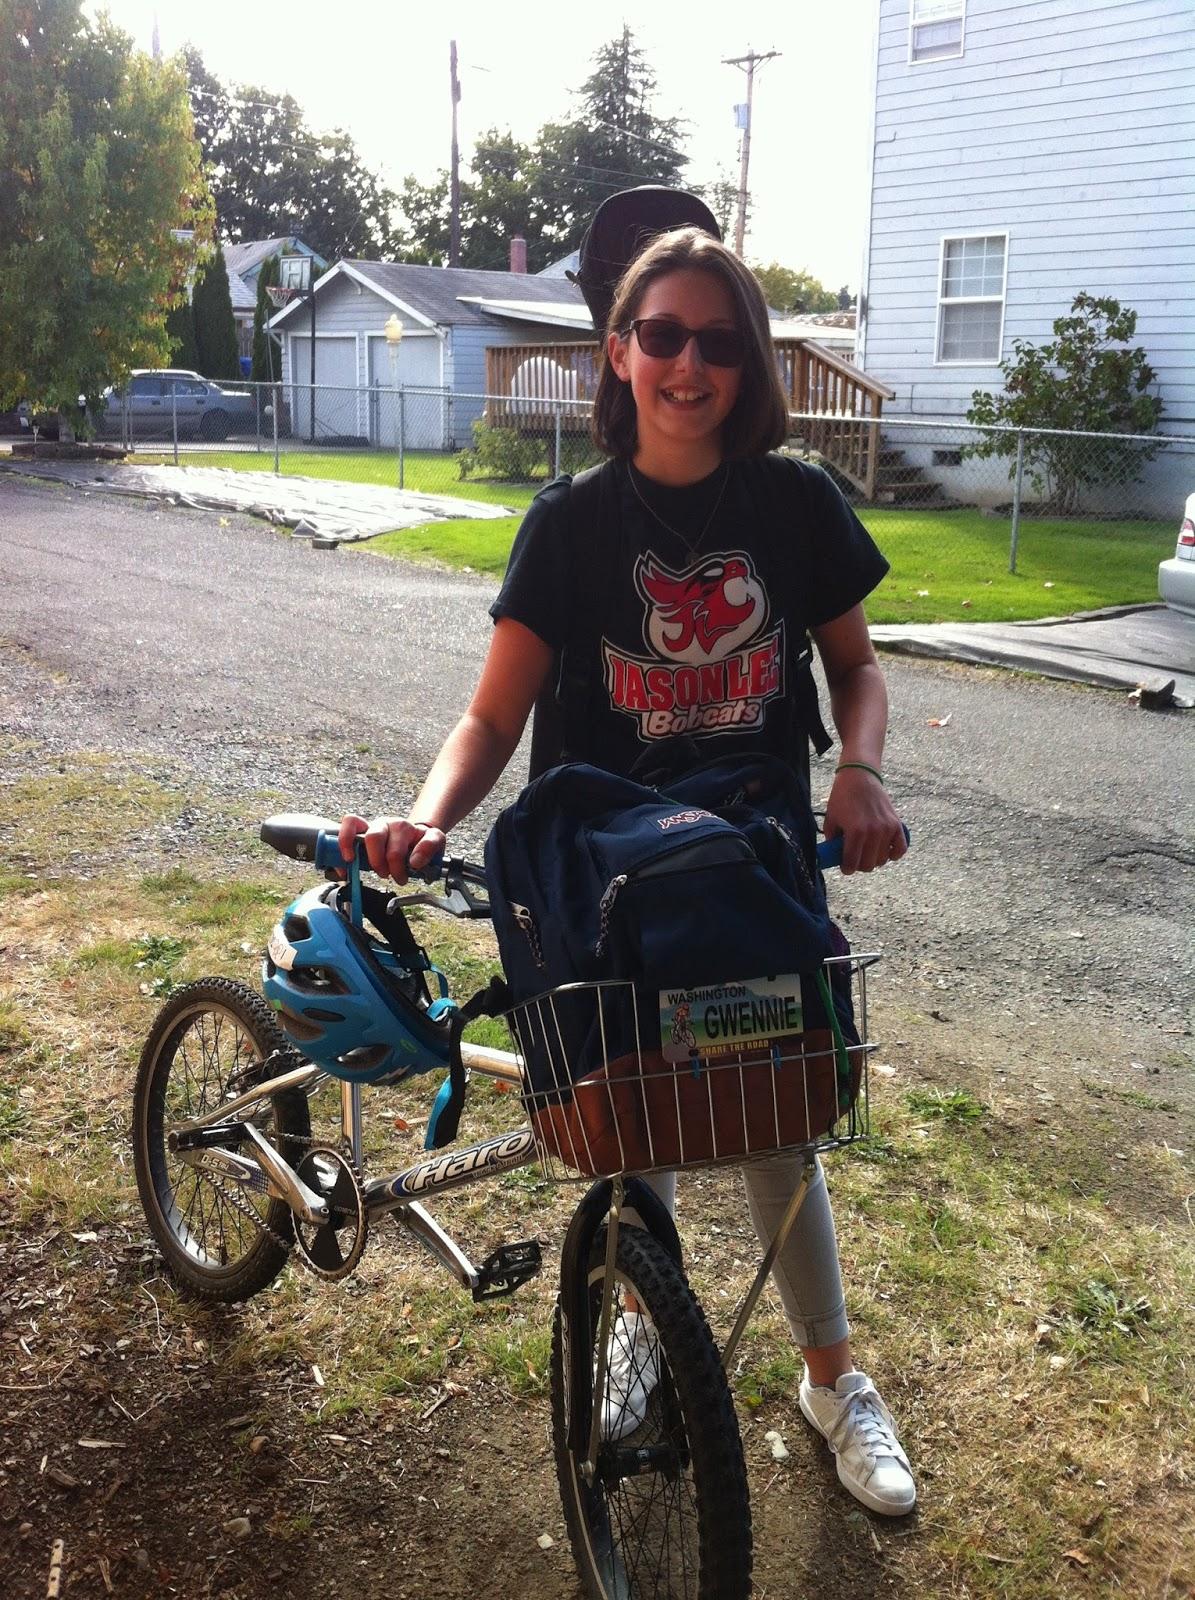 Tacoma Bike Ranch